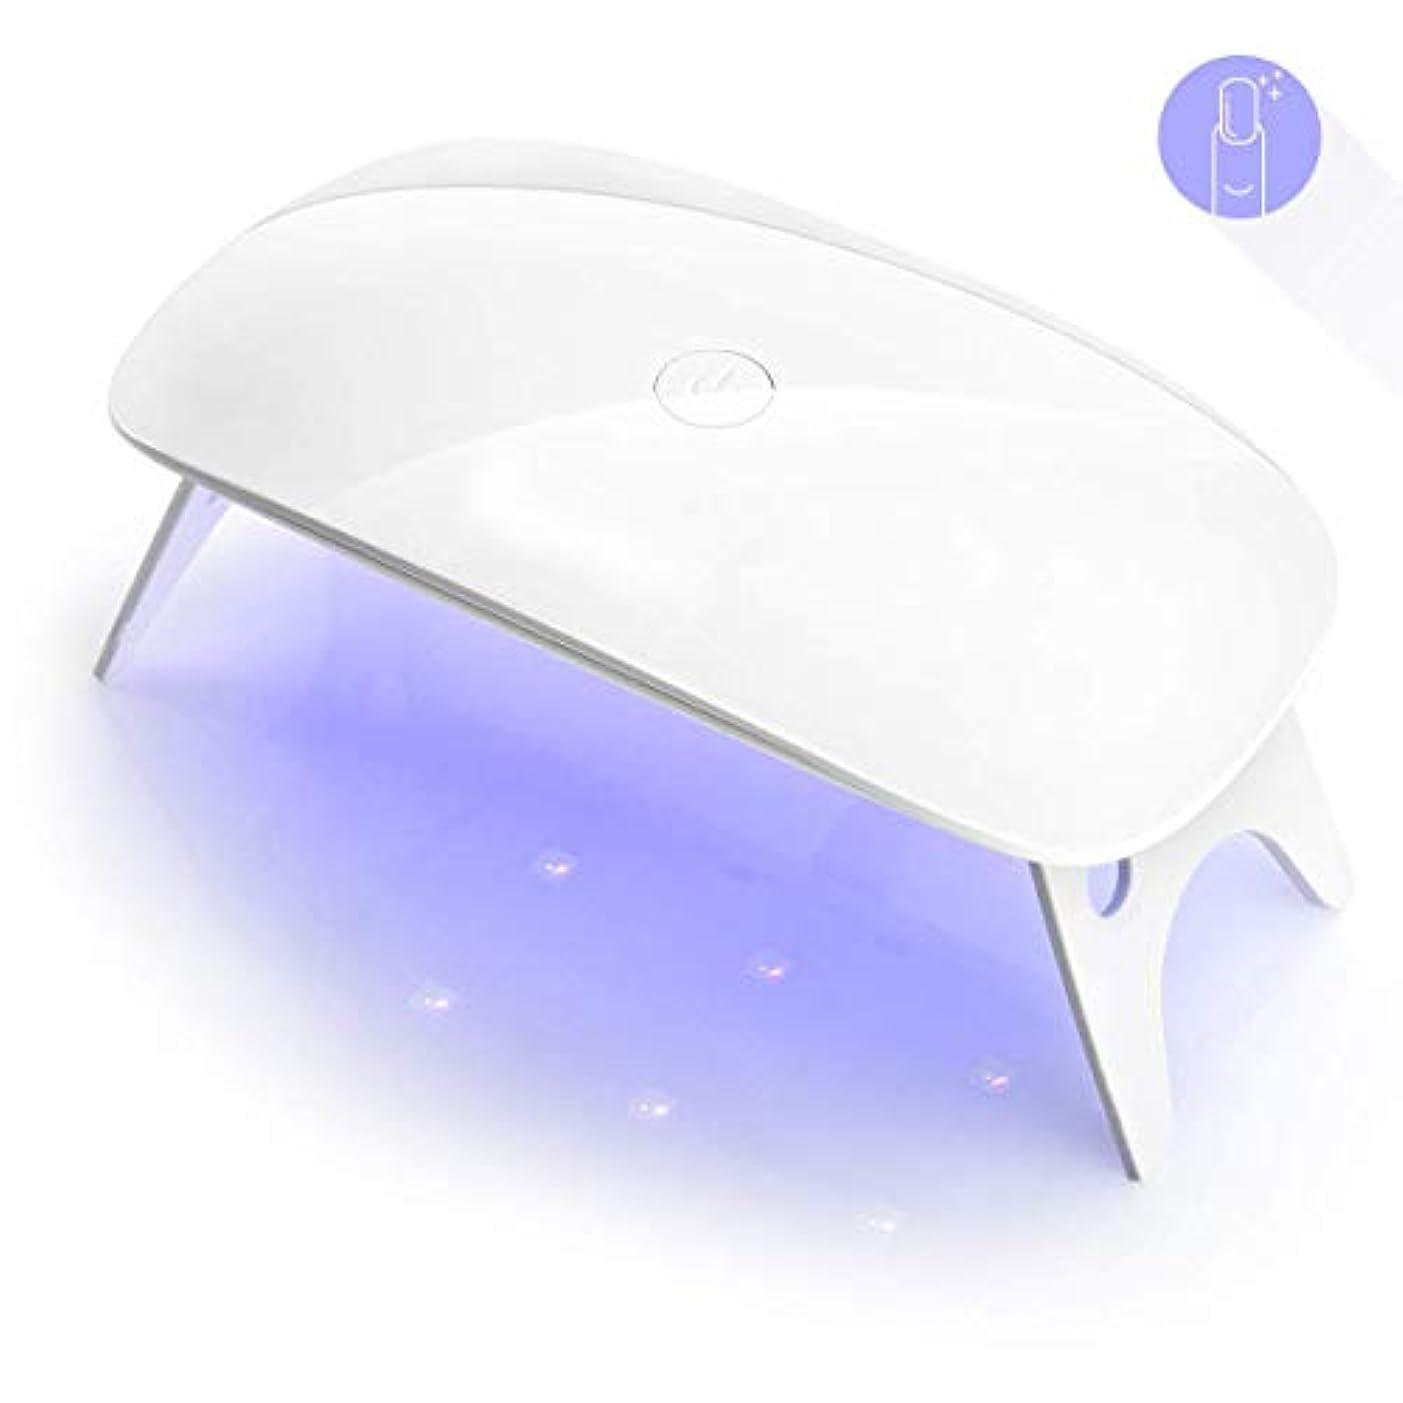 早く影響医療のZMiw LEDネイルドライヤー UVライト タイマー設定可能 折りたたみ式手足とも使える 人感センサー式 LED 硬化ライト UV と LEDダブルライト ジェルネイル用 ホワイト (white)